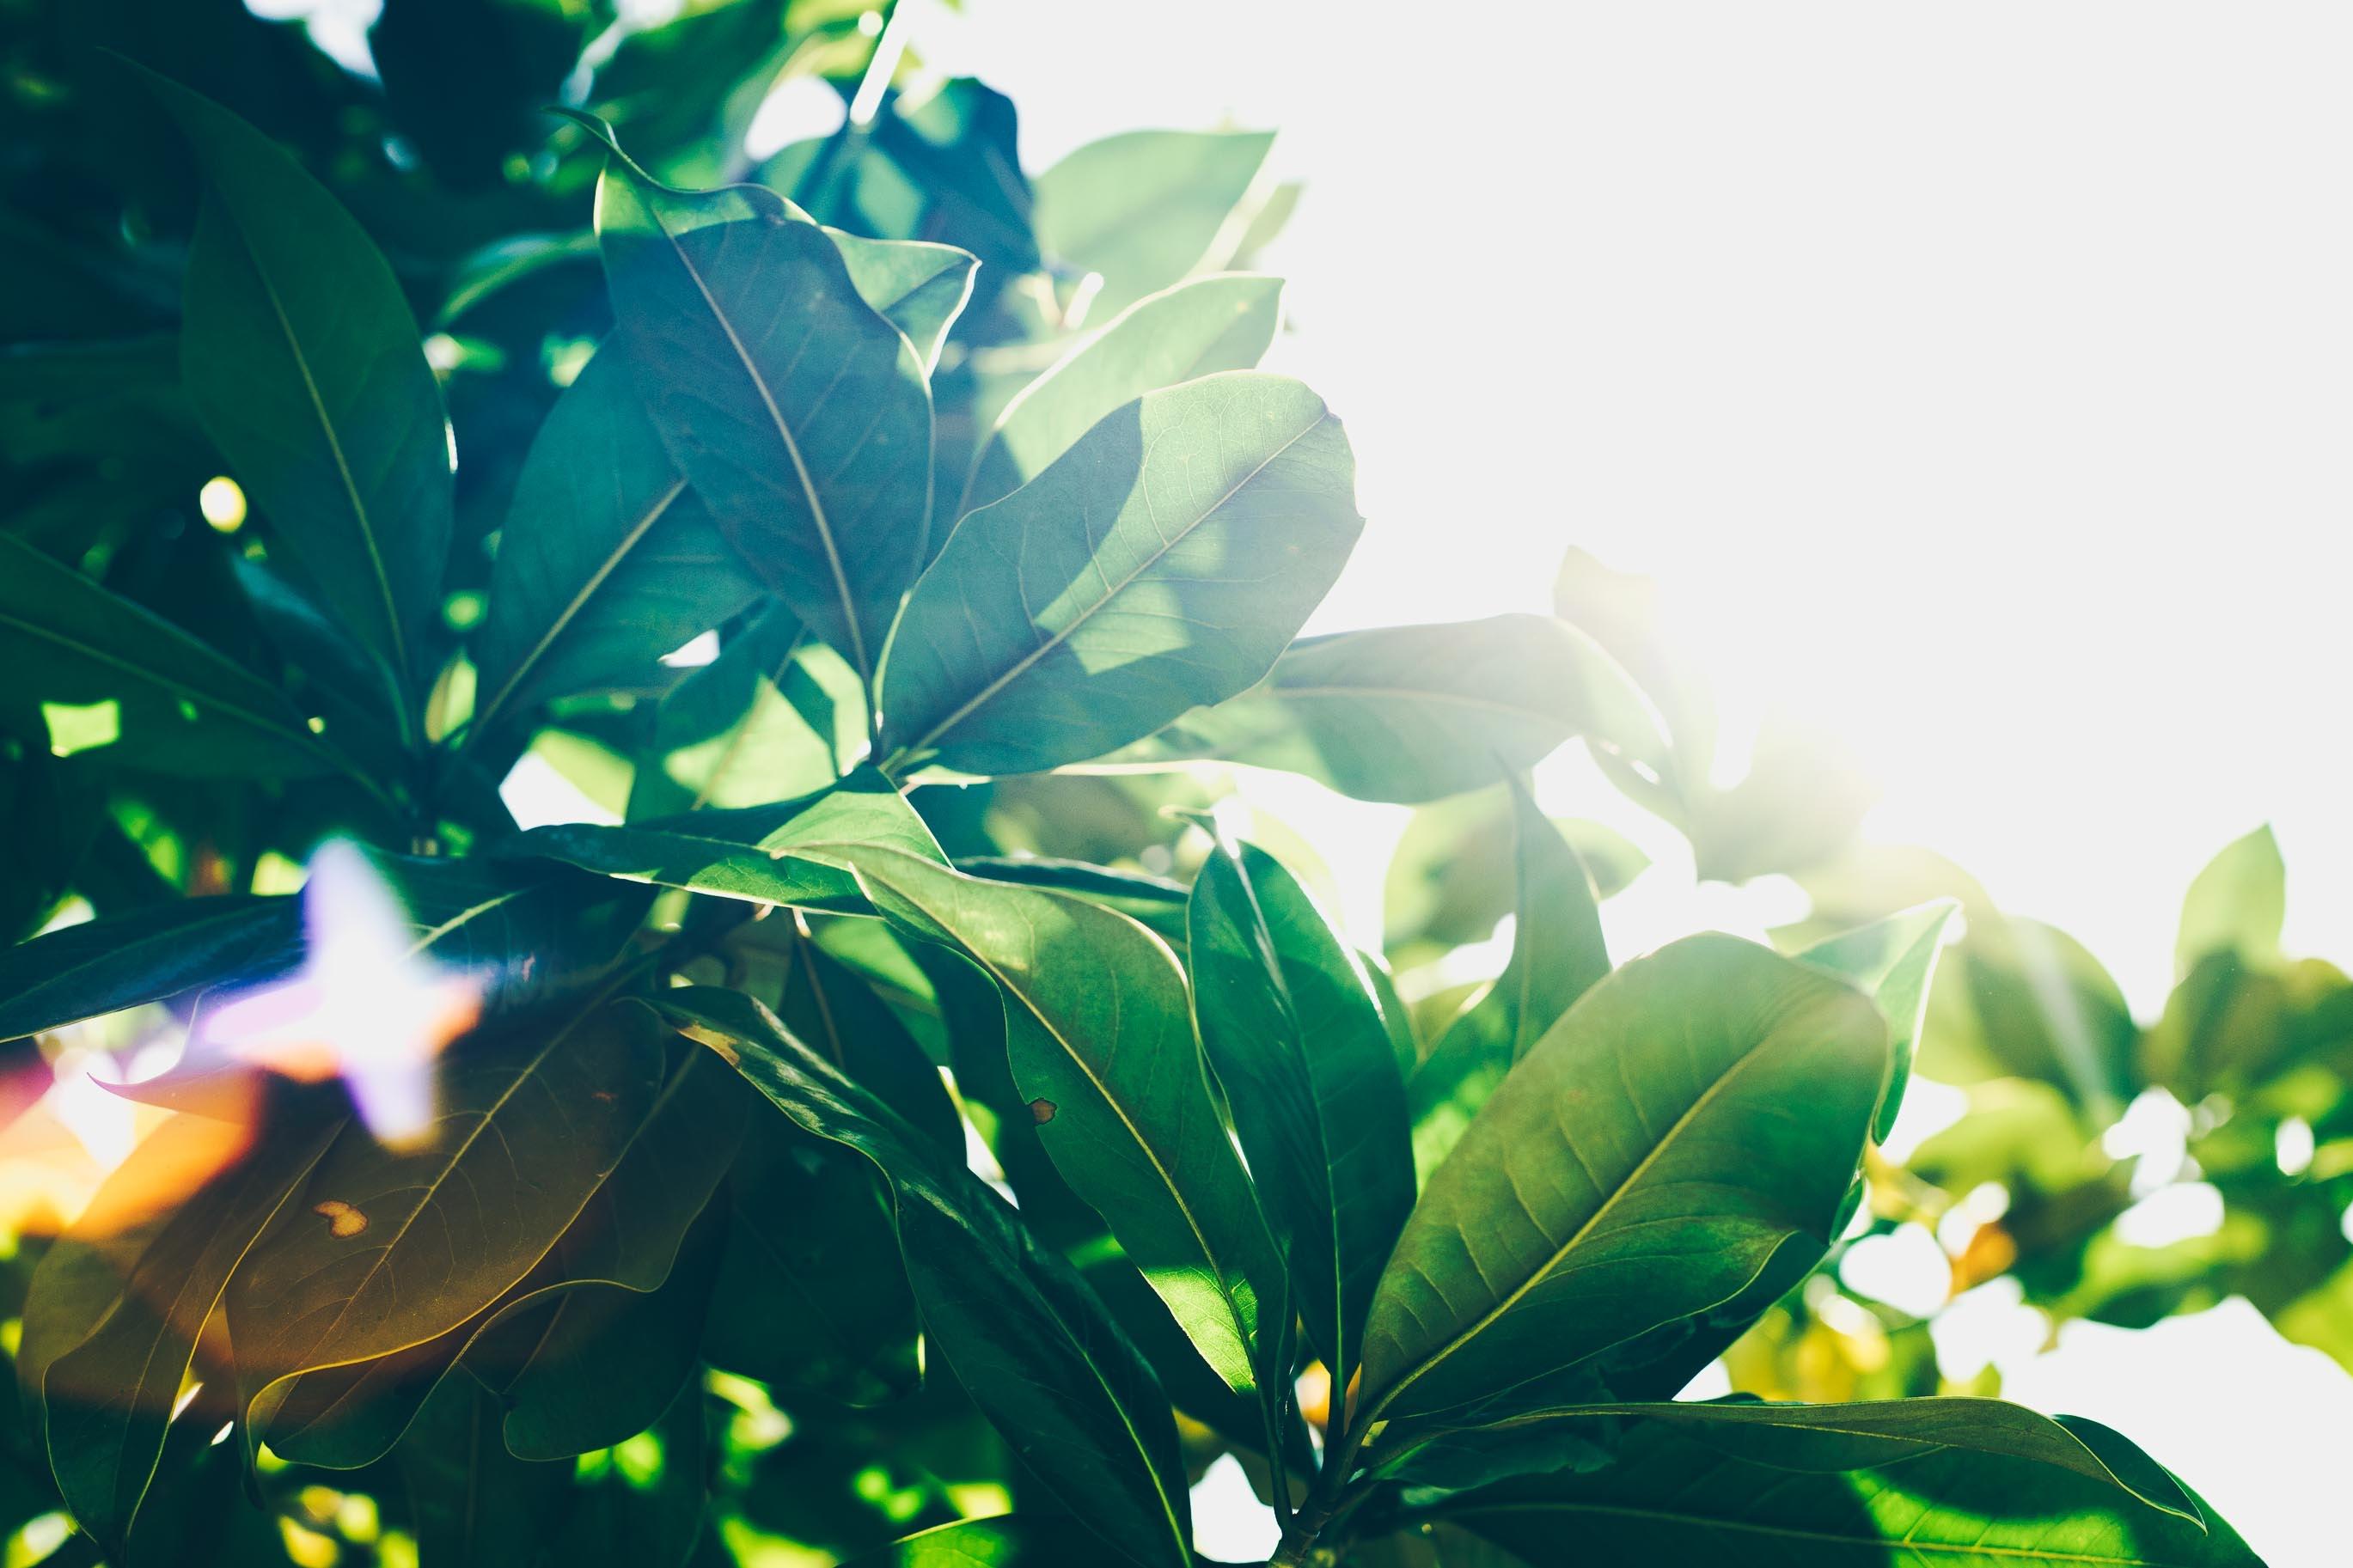 今のあなただからこそ輝けるもの、一緒に見つけよう 〜あの頃の私以上になる〜